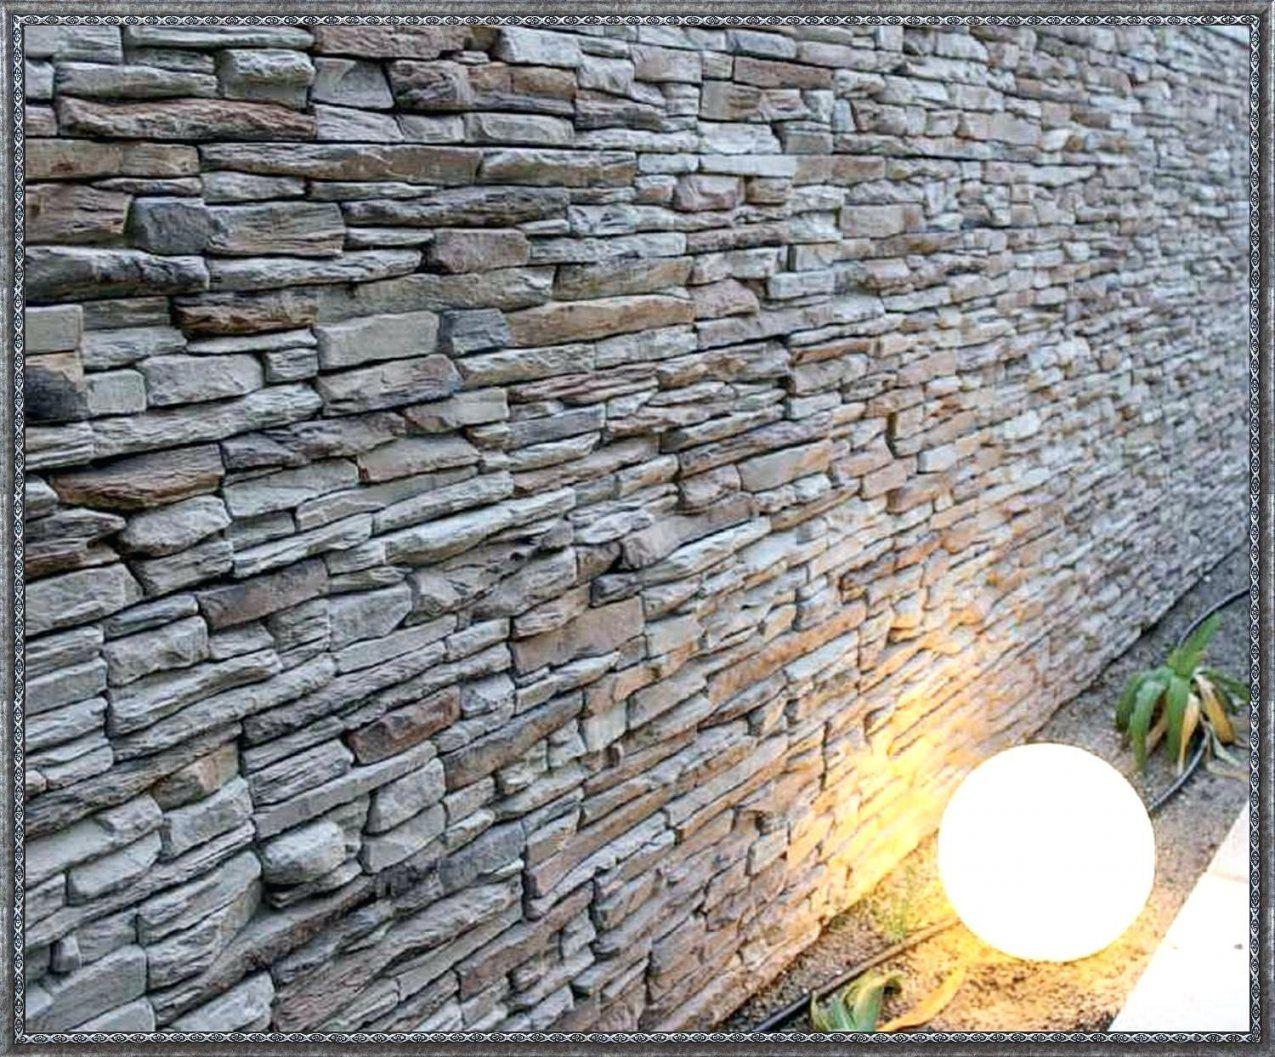 Wandverkleidung Steinoptik Innen Kunststoff Wand Styropor Verwirrend von Wandverkleidung Steinoptik Innen Kunststoff Photo